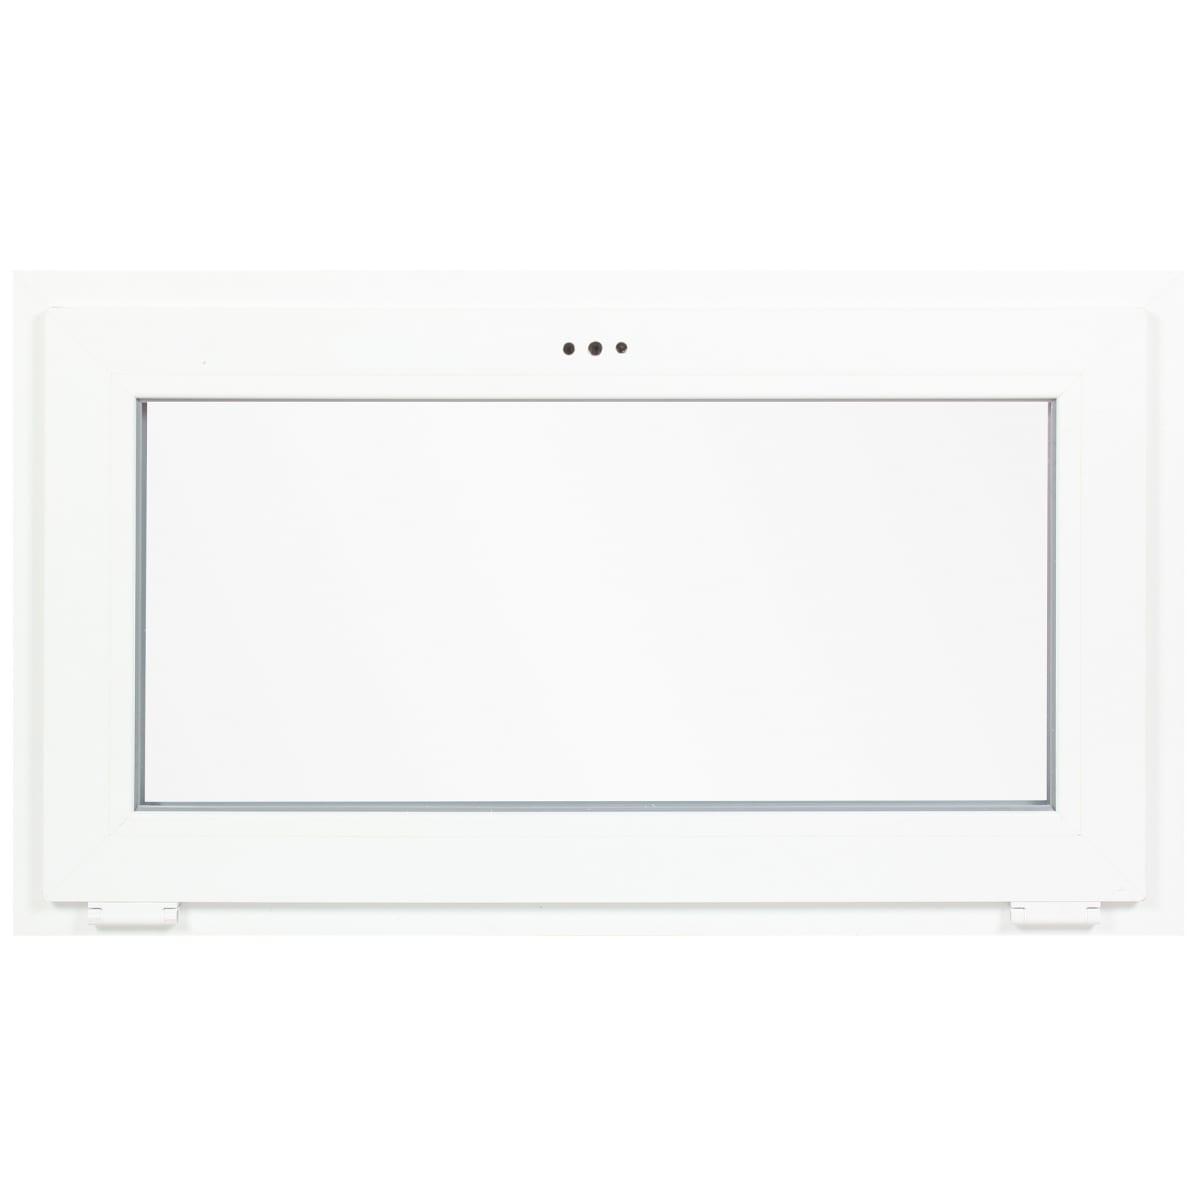 Окно-фрамуга ПВХ, 60x100 см